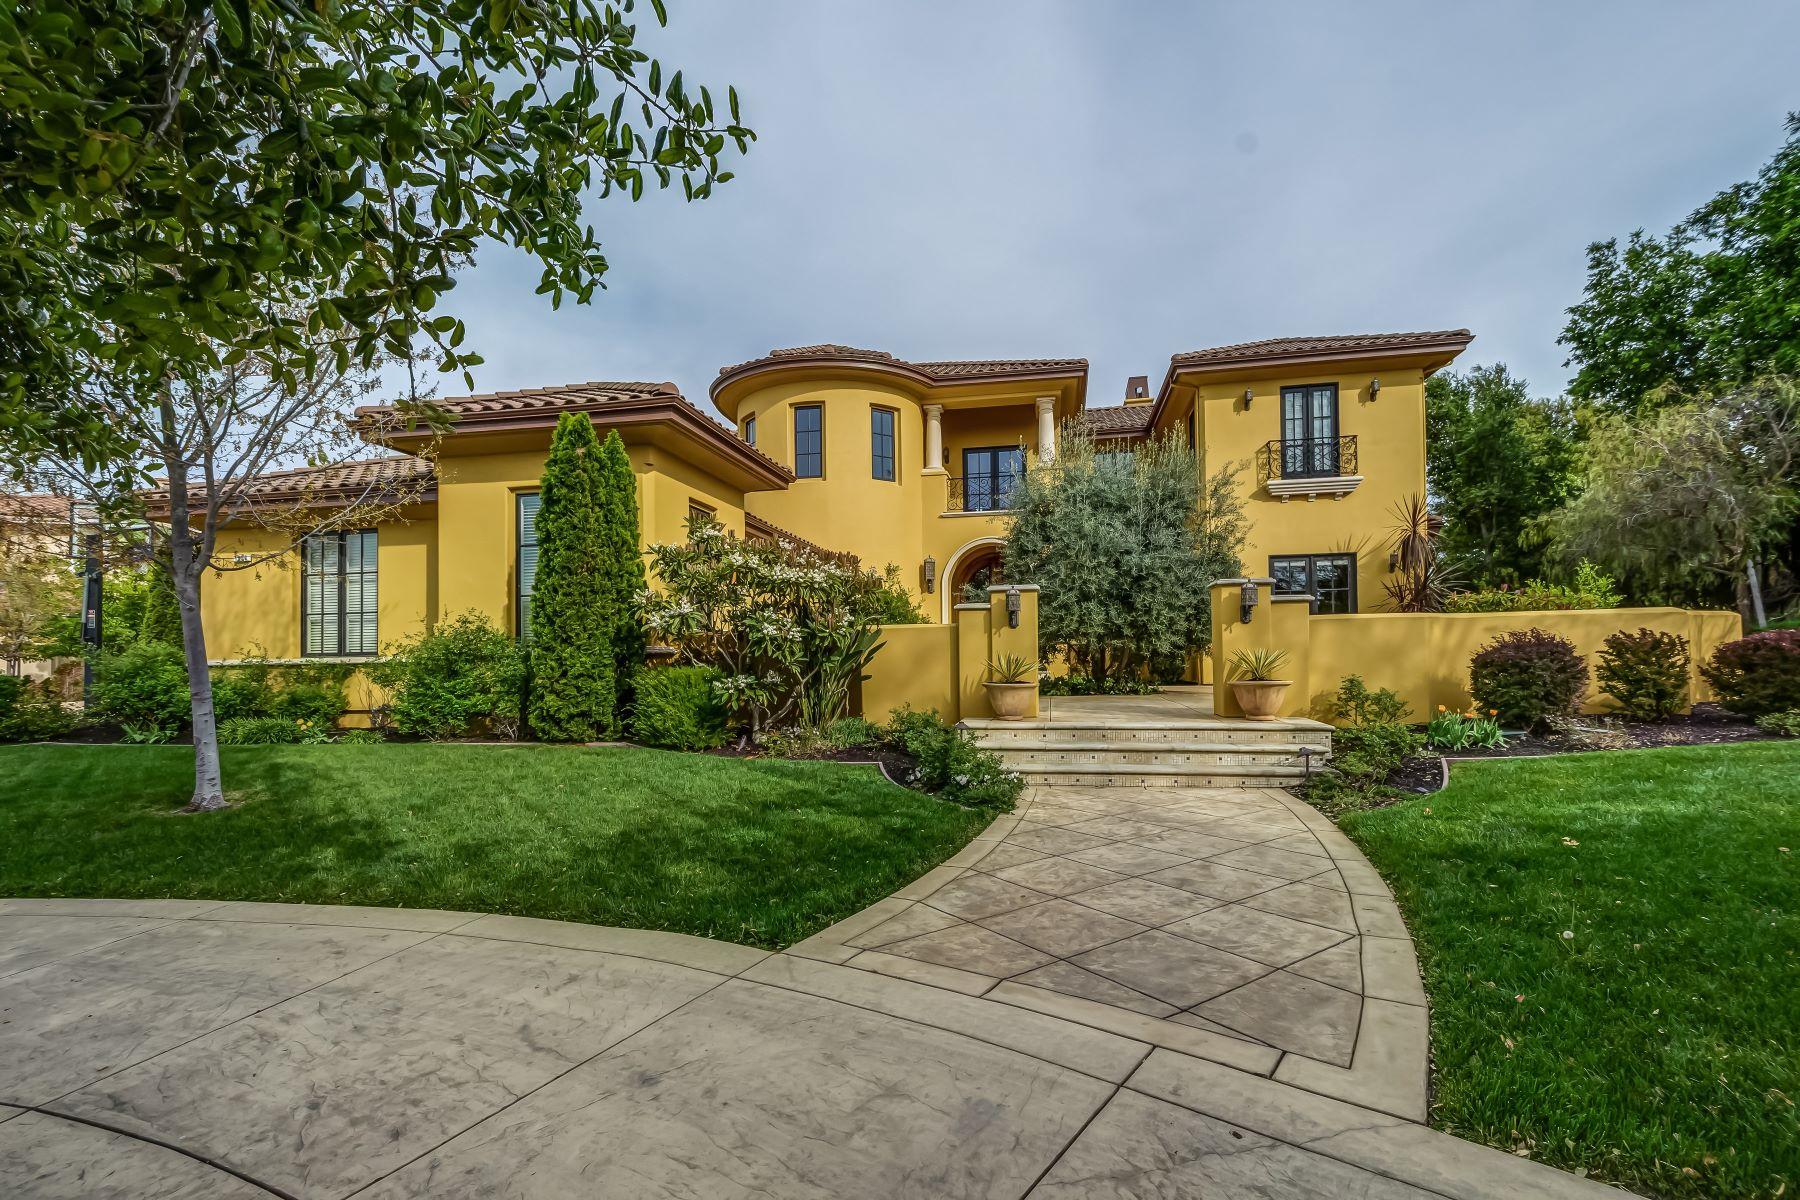 Einfamilienhaus für Verkauf beim 1833 Via Di Salerno Pleasanton, Kalifornien 94566 Vereinigte Staaten